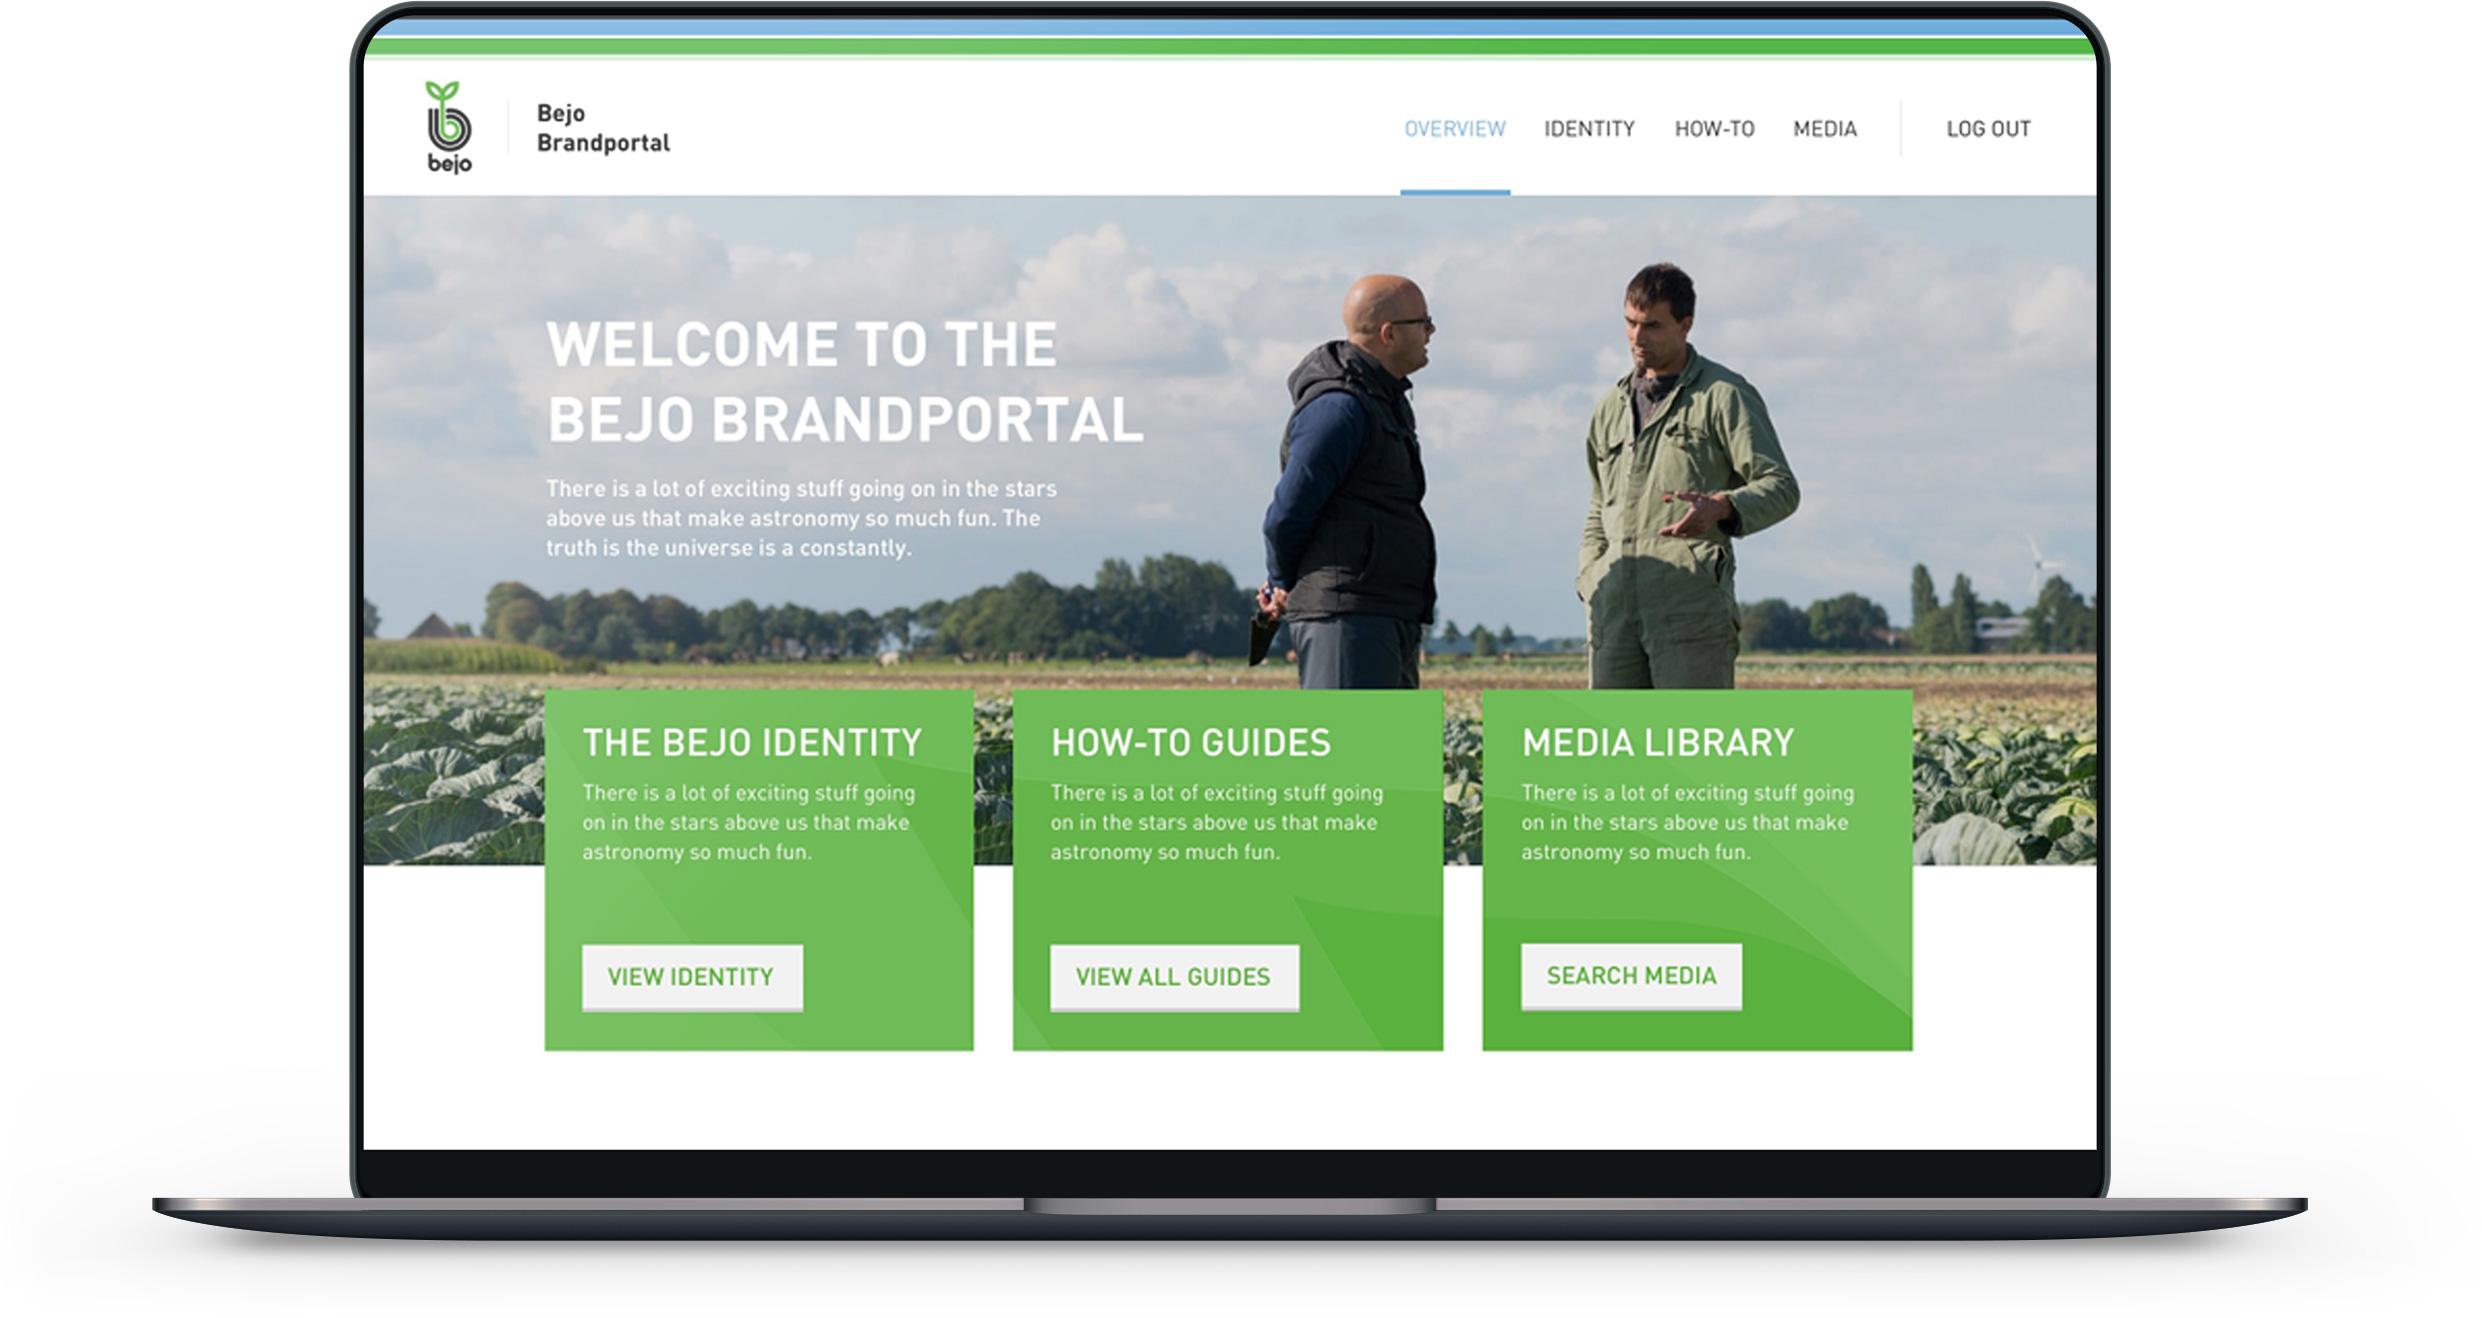 Afbeelding van de Bejo Brandportal website op een Macbook